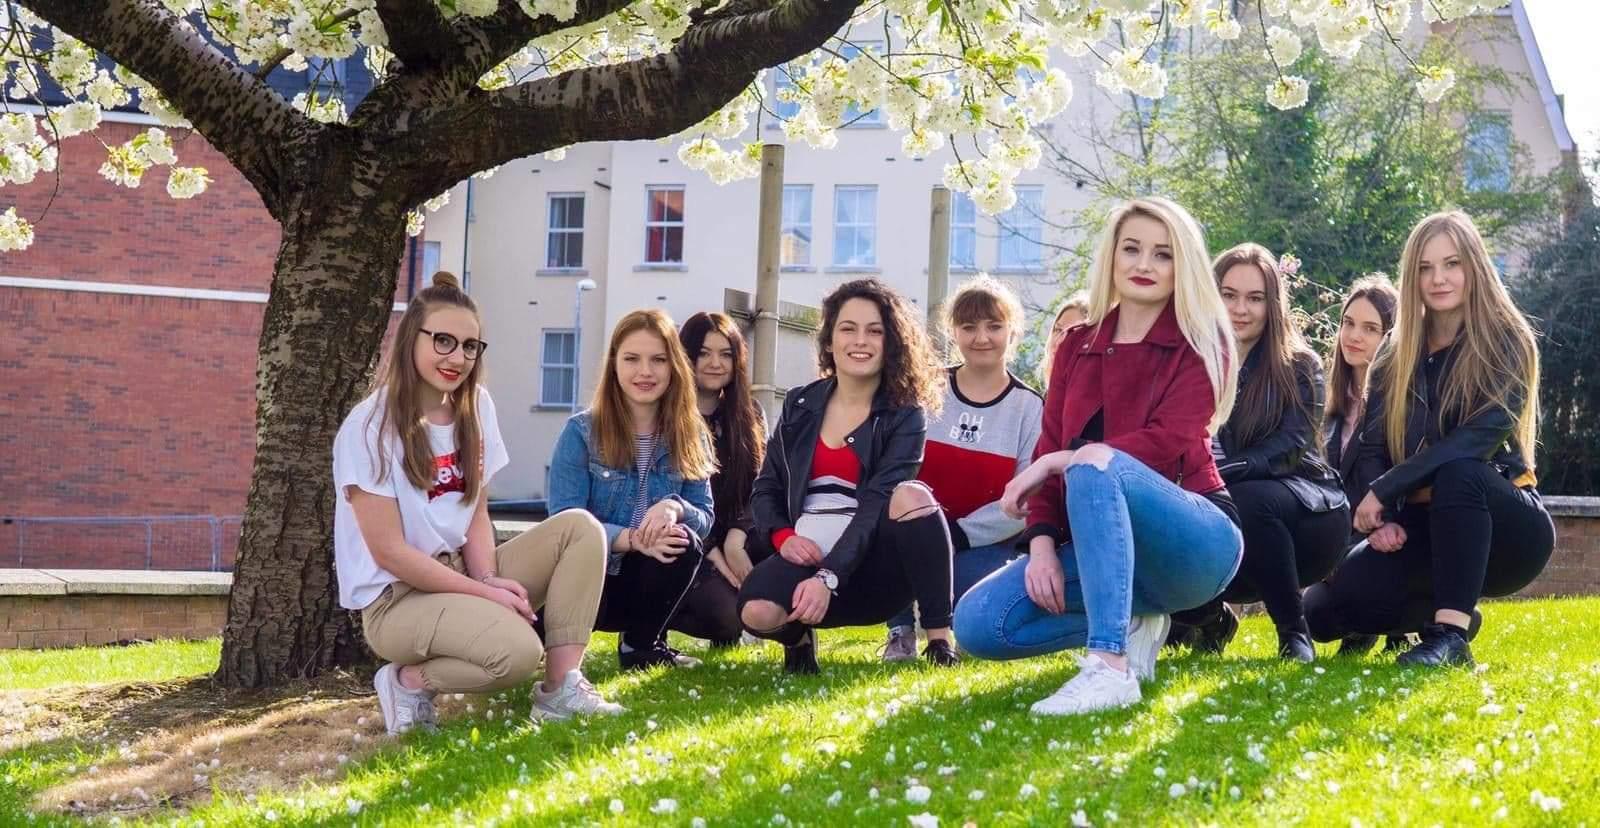 Olescy uczniowie pracowali w całej Europie. Miejscowi zaskoczeni tempem ich pracy